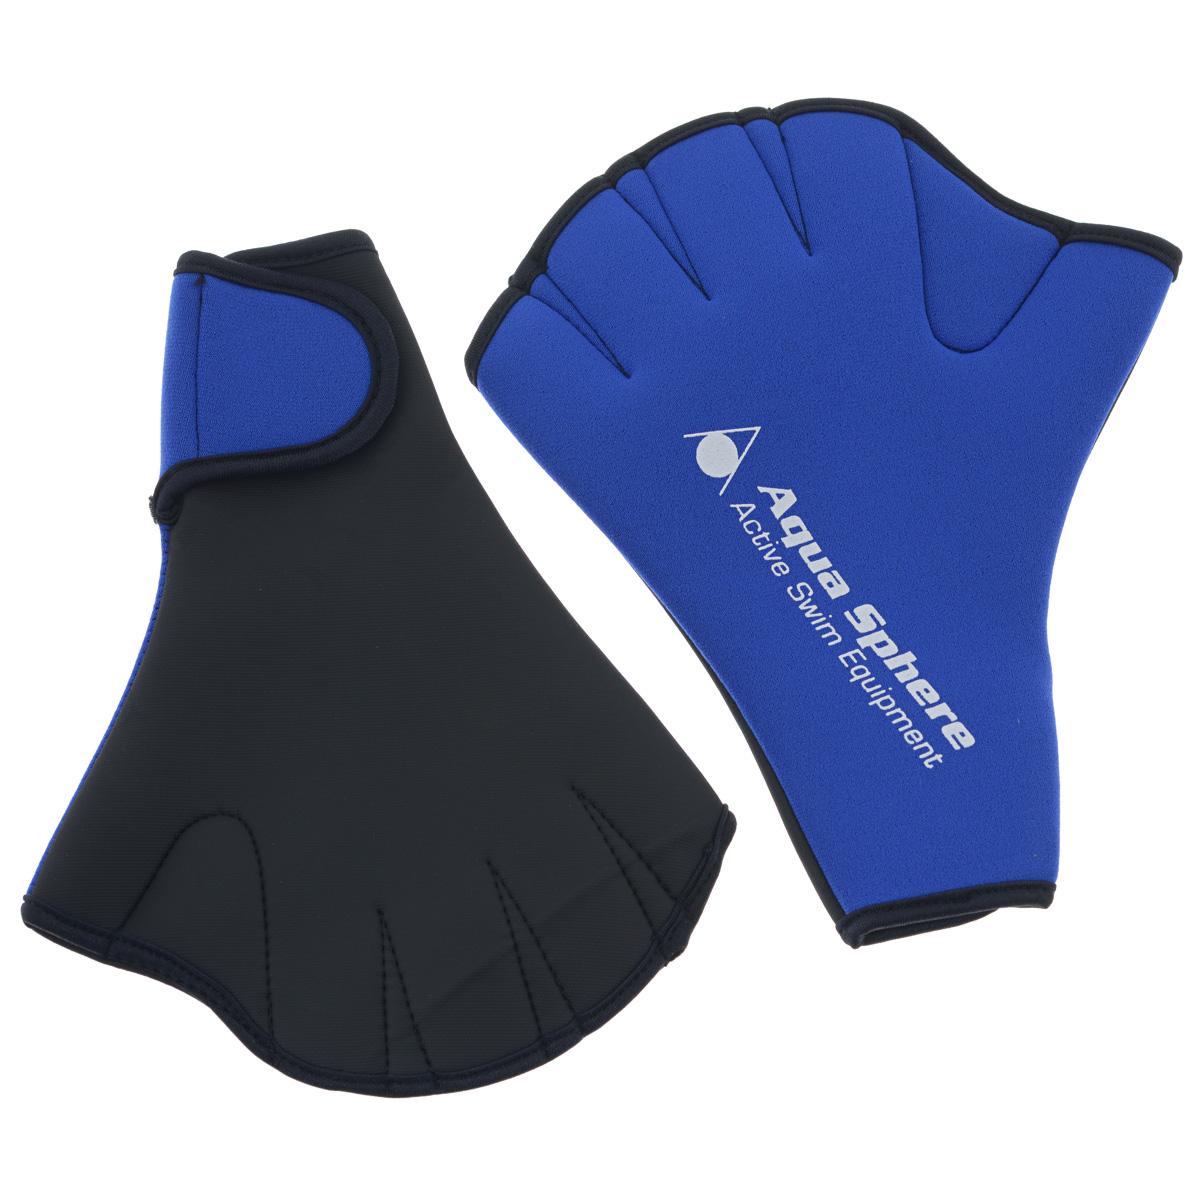 Перчатки для рук Aqua Sphere Swim Glove, цвет: синий. Размер L цена